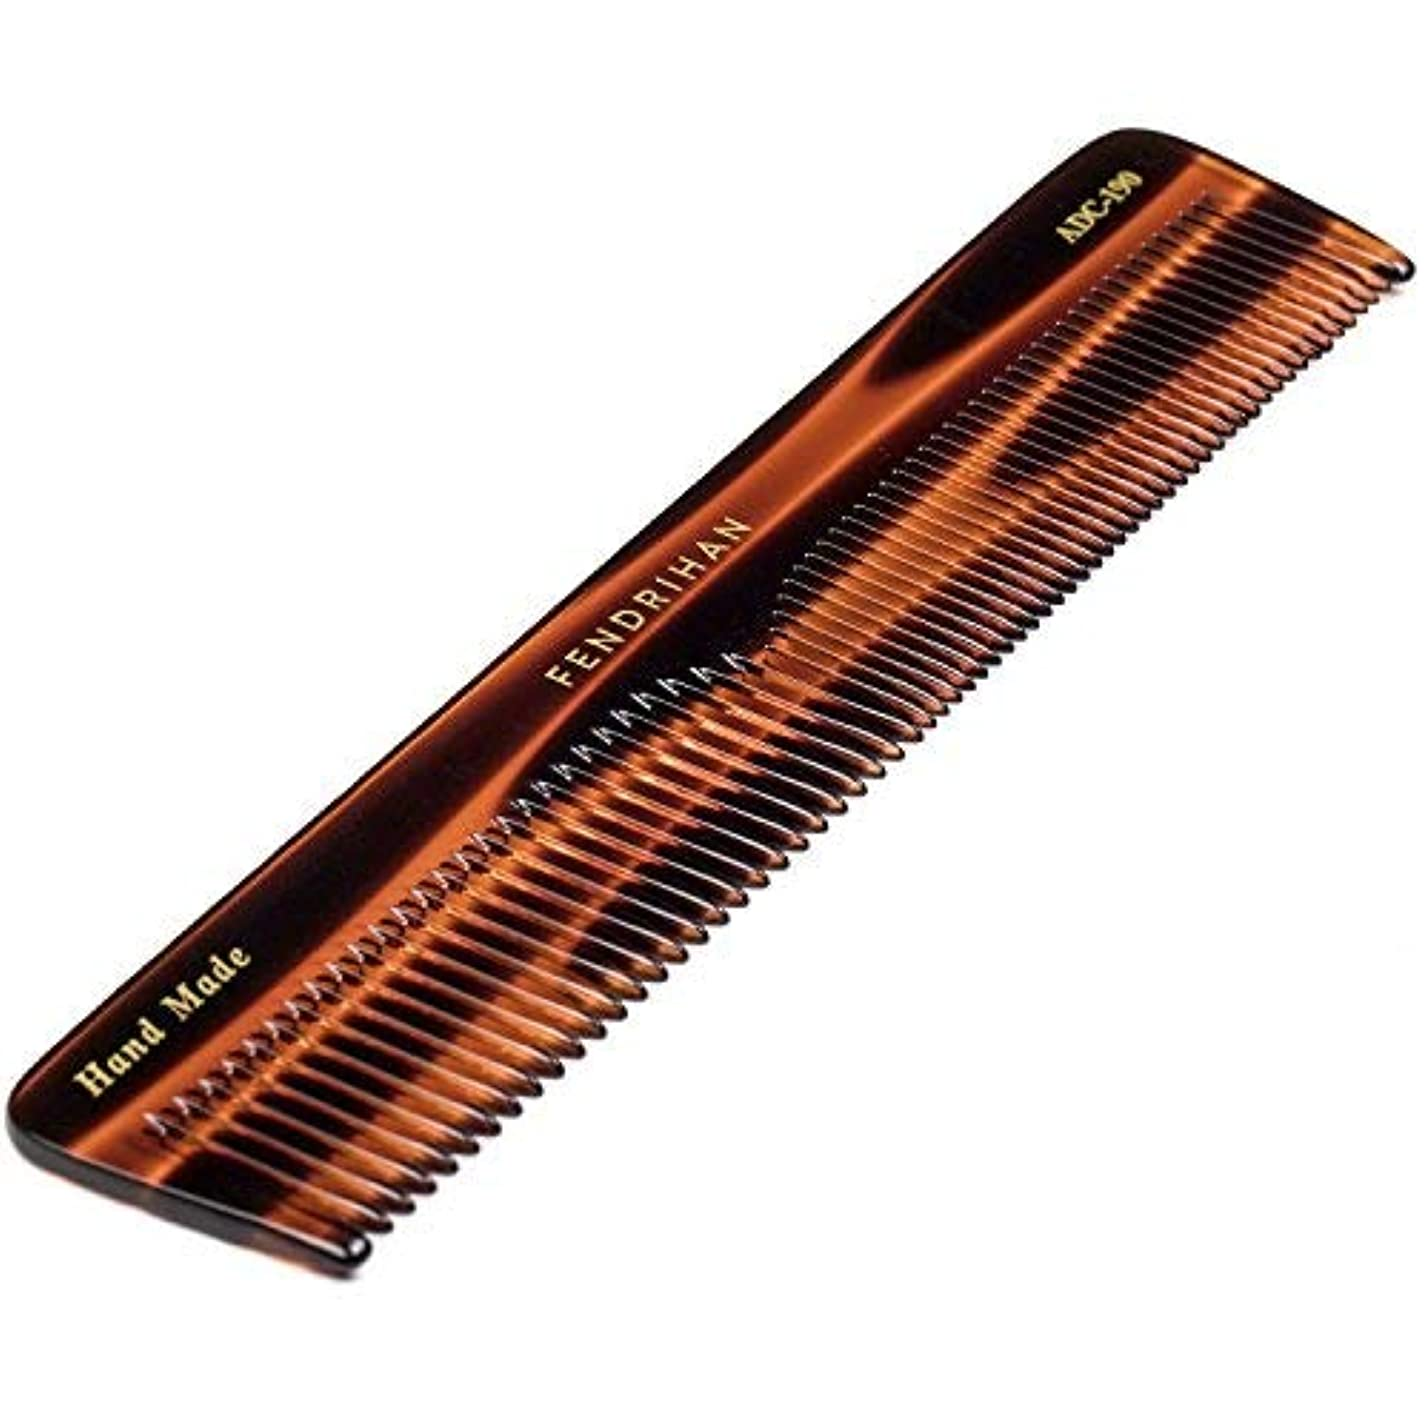 見物人マークされた最大Fendrihan Hand Finished Large Double Tooth Comb for Men, Faux Tortoise (7.3 Inches) [並行輸入品]